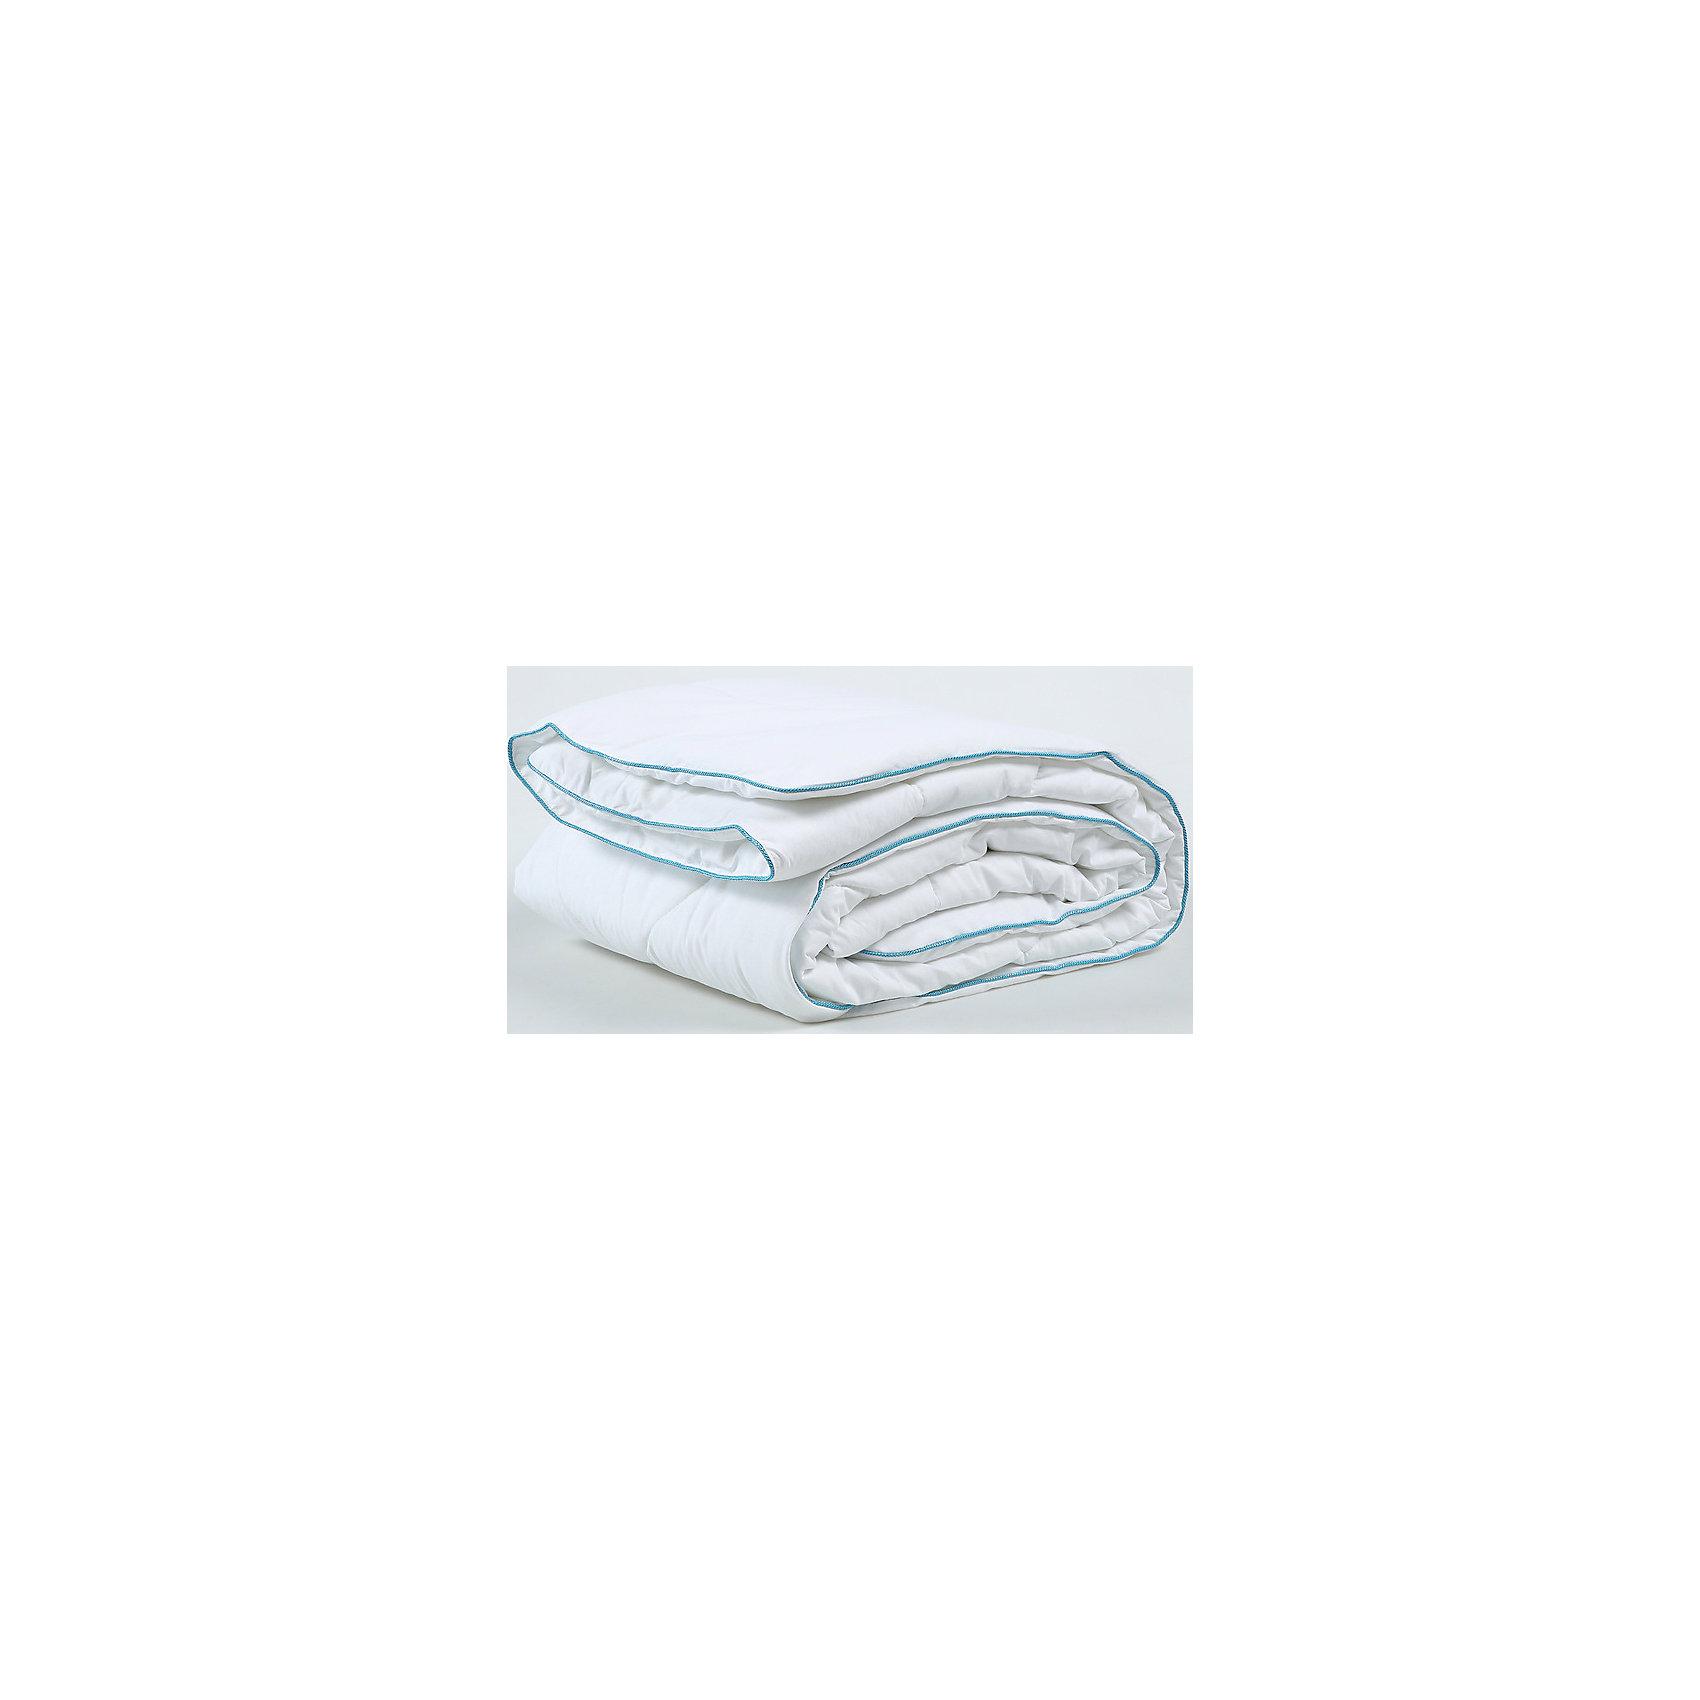 Одеяло 172*205 Белый лебедь Classic, Mona LizaХарактеристики:<br><br>• Вид домашнего текстиля: одеяло<br>• Серия: Mona Liza Classic<br>• Сезон: зима<br>• Материал чехла: бязь <br>• Наполнитель: 100% полиэстер (силиконизированное полотно)<br>• Цвет: молочный<br>• Размеры (Д*Ш): 172*205 см <br>• Тип упаковки: полиэтиленовая сумка с ручками<br>• Вес в упаковке: 1 кг 700 г<br>• Особенности ухода: машинная стирка при температуре 30 градусов<br><br>Одеяло 172*205 Белый лебедь Classic, Mona Liza изготовлено под отечественным торговым брендом, выпускающим постельные принадлежности из натуральных тканей. Одеяло выполнено из 100 % бязи, отличающейся высокими характеристиками не только прочности самого полотна, но и устойчивости окраски, которая выполняется по особой технологии. В качестве наполнителя использовано силиконизированное волокно, которое полностью гипоаллергенно, длительное время хорошо держит форму. Плотность наполнителя одеяла составляет 200 г/м2, что делает его особенно теплым, но при этом легким по весу. <br>Одеяло 172*205 Белый лебедь Classic, Mona Liza – домашний текстиль, соответствующий международным стандартам качества и безопасности!<br><br>Одеяло 172*205 Белый лебедь Classic, Mona Liza можно купить в нашем интернет-магазине.<br><br>Ширина мм: 540<br>Глубина мм: 220<br>Высота мм: 460<br>Вес г: 1600<br>Возраст от месяцев: 84<br>Возраст до месяцев: 216<br>Пол: Унисекс<br>Возраст: Детский<br>SKU: 5165693